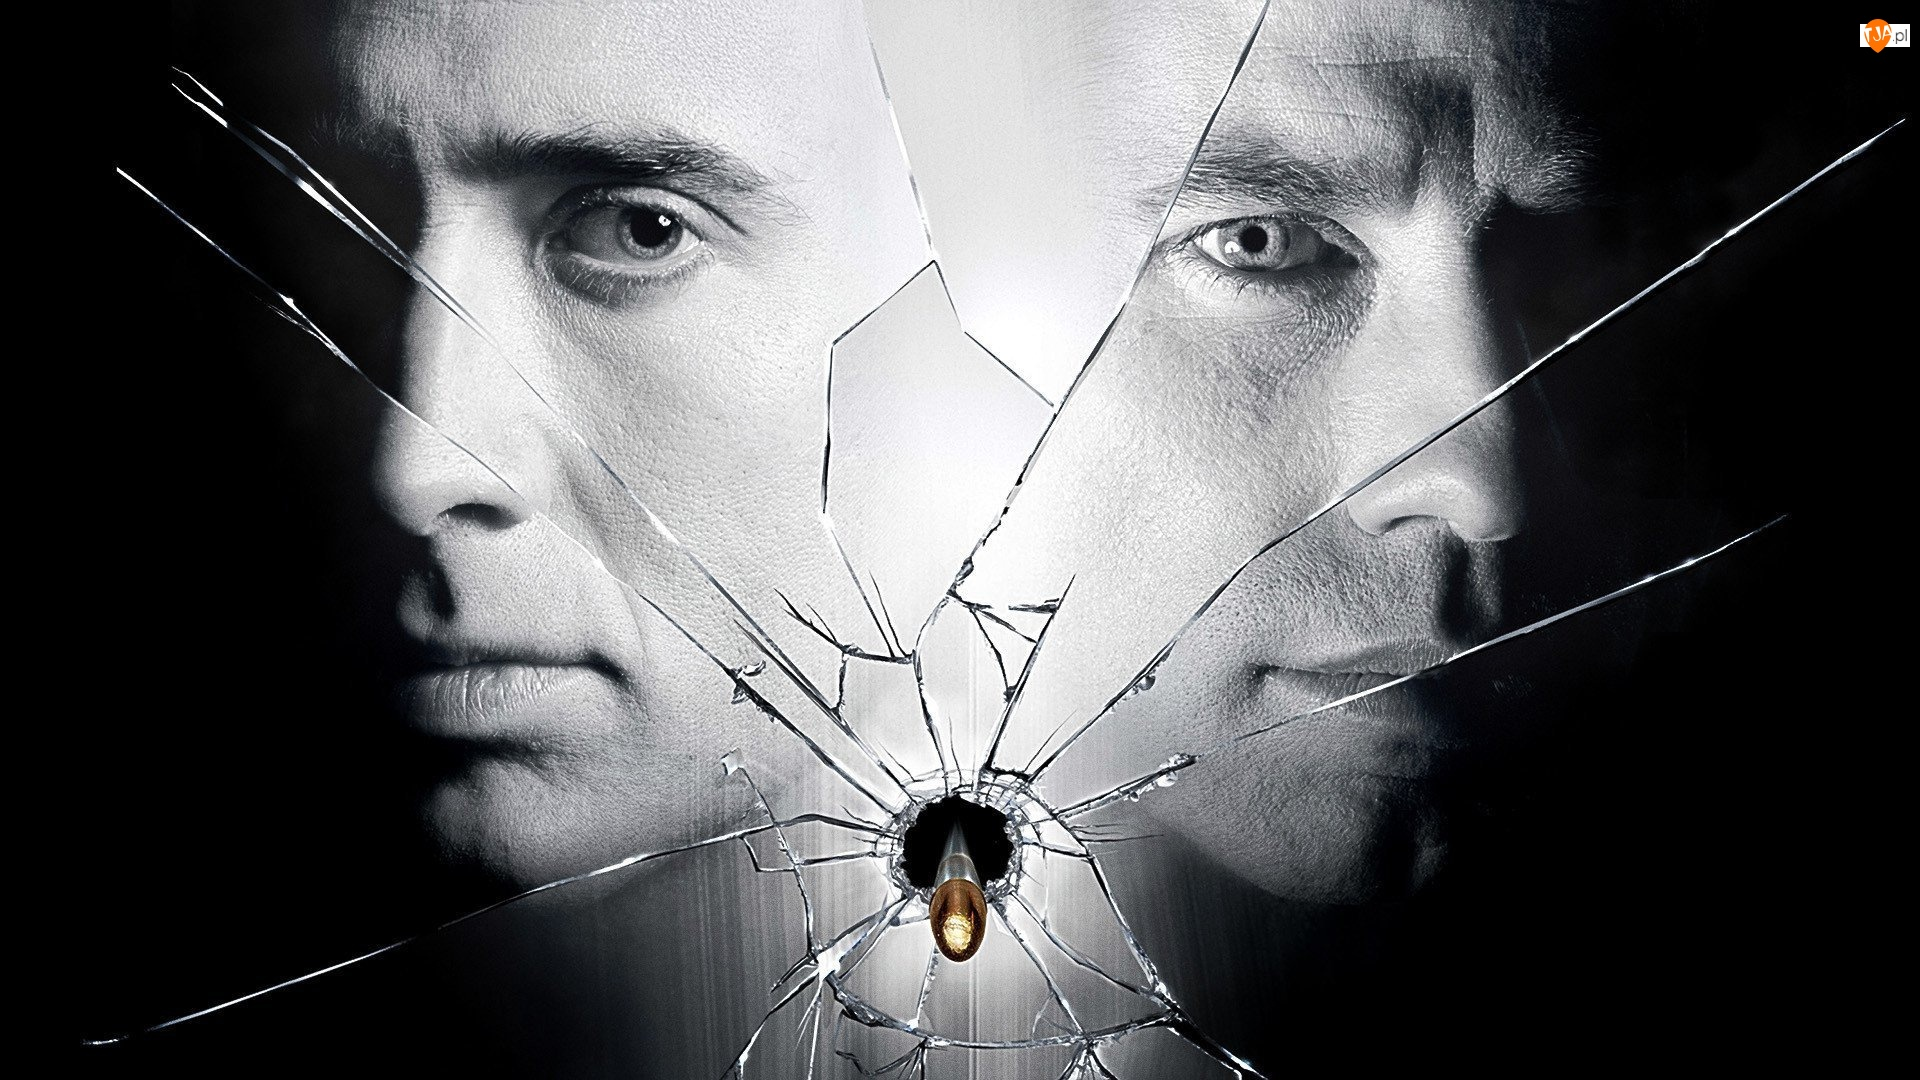 Bez twarzy, Film, Aktorzy, John Travolta, Face Off, Nicolas Cage